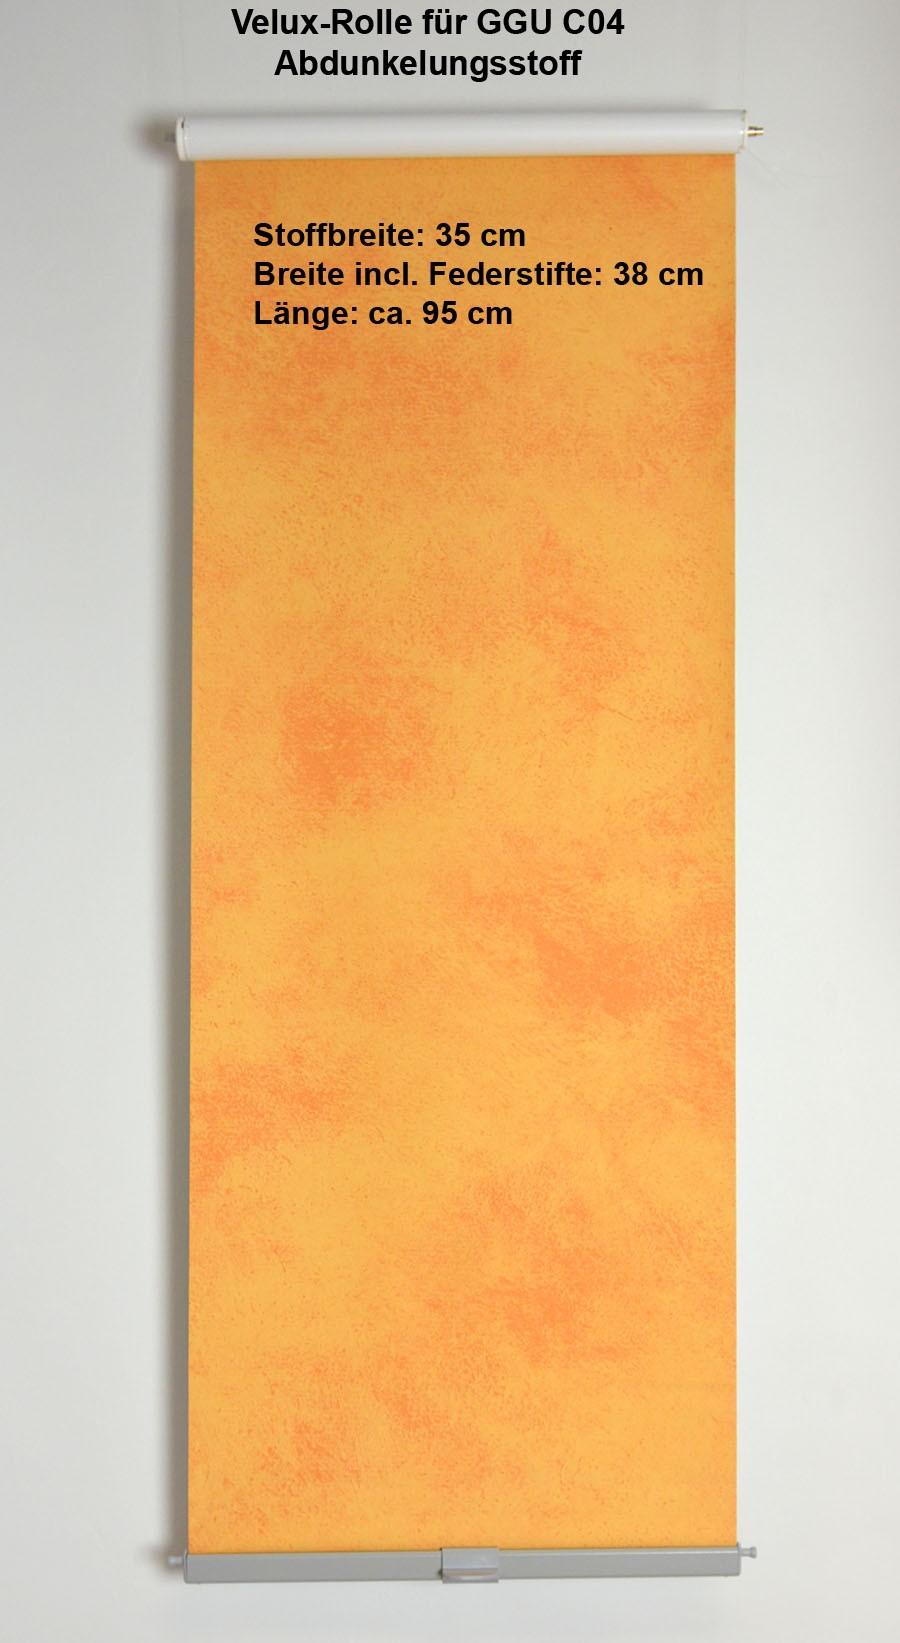 Dachfensterrollo - Abdunklungsstoff GGU-C04 weiß/orange